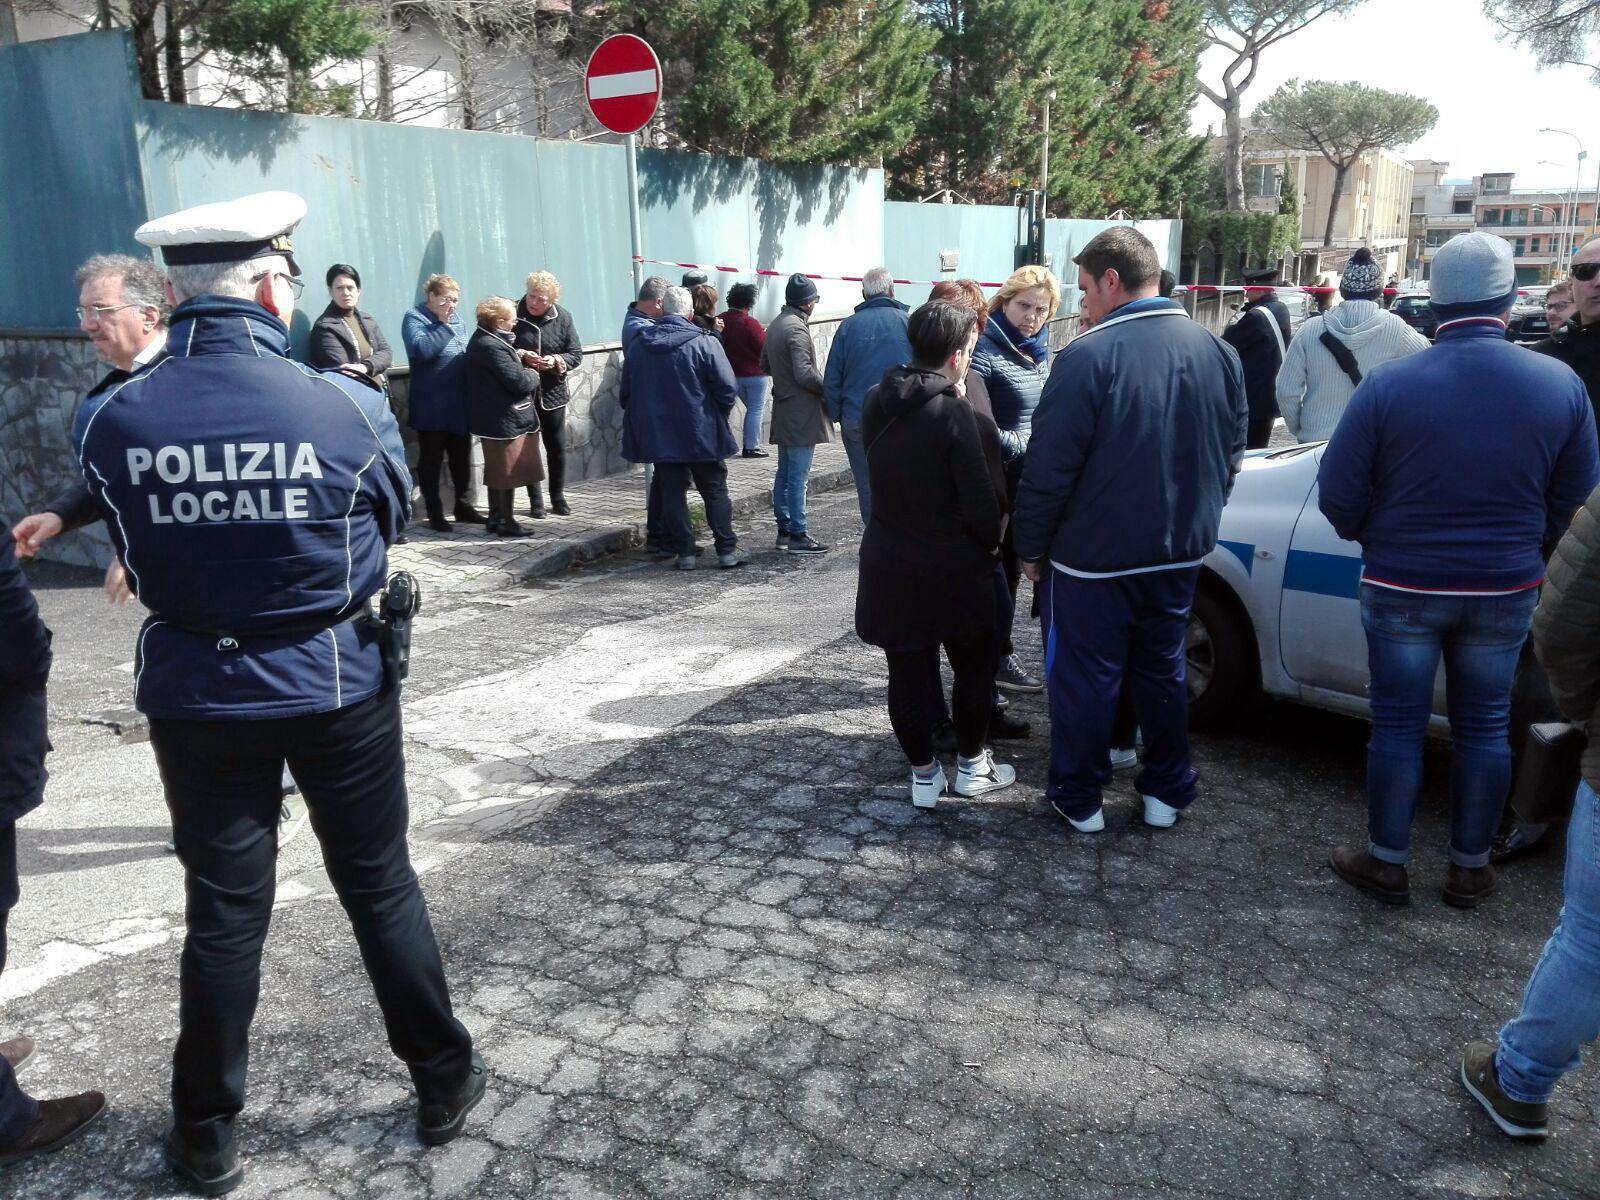 La scuola elementare nel quartiere di Boccia al Mauro di Terzigno dove è stata uccisa la